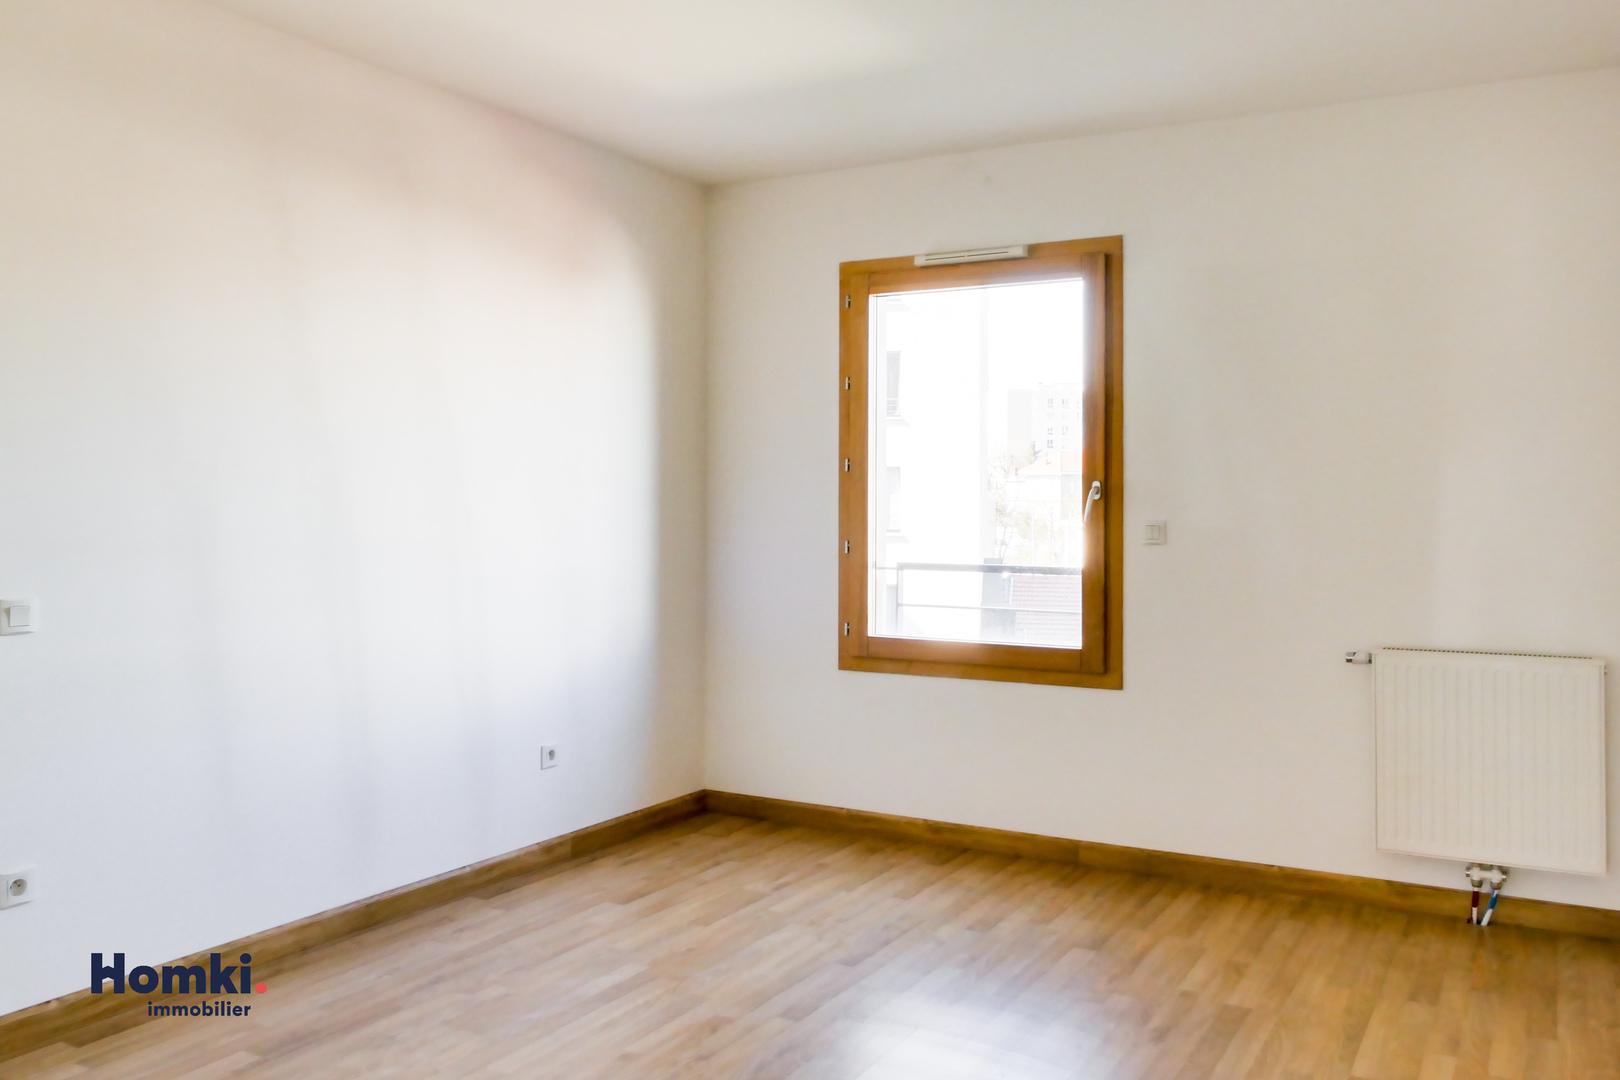 Vente appartement 87m² T3 42100_8